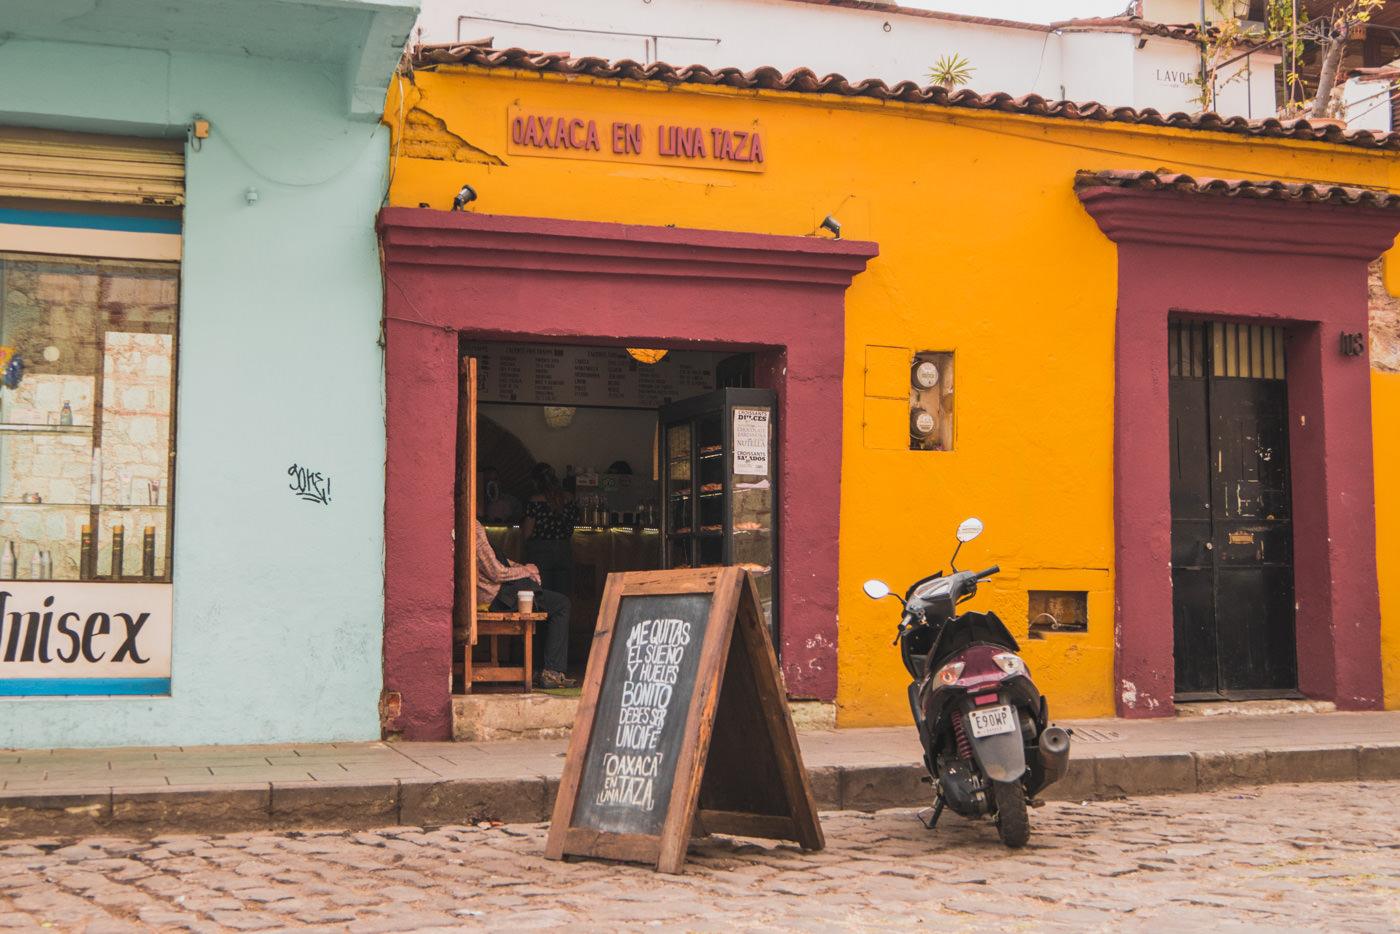 Oaxaca en una Taza - Unsere erste Adresse für guten Kaffee!